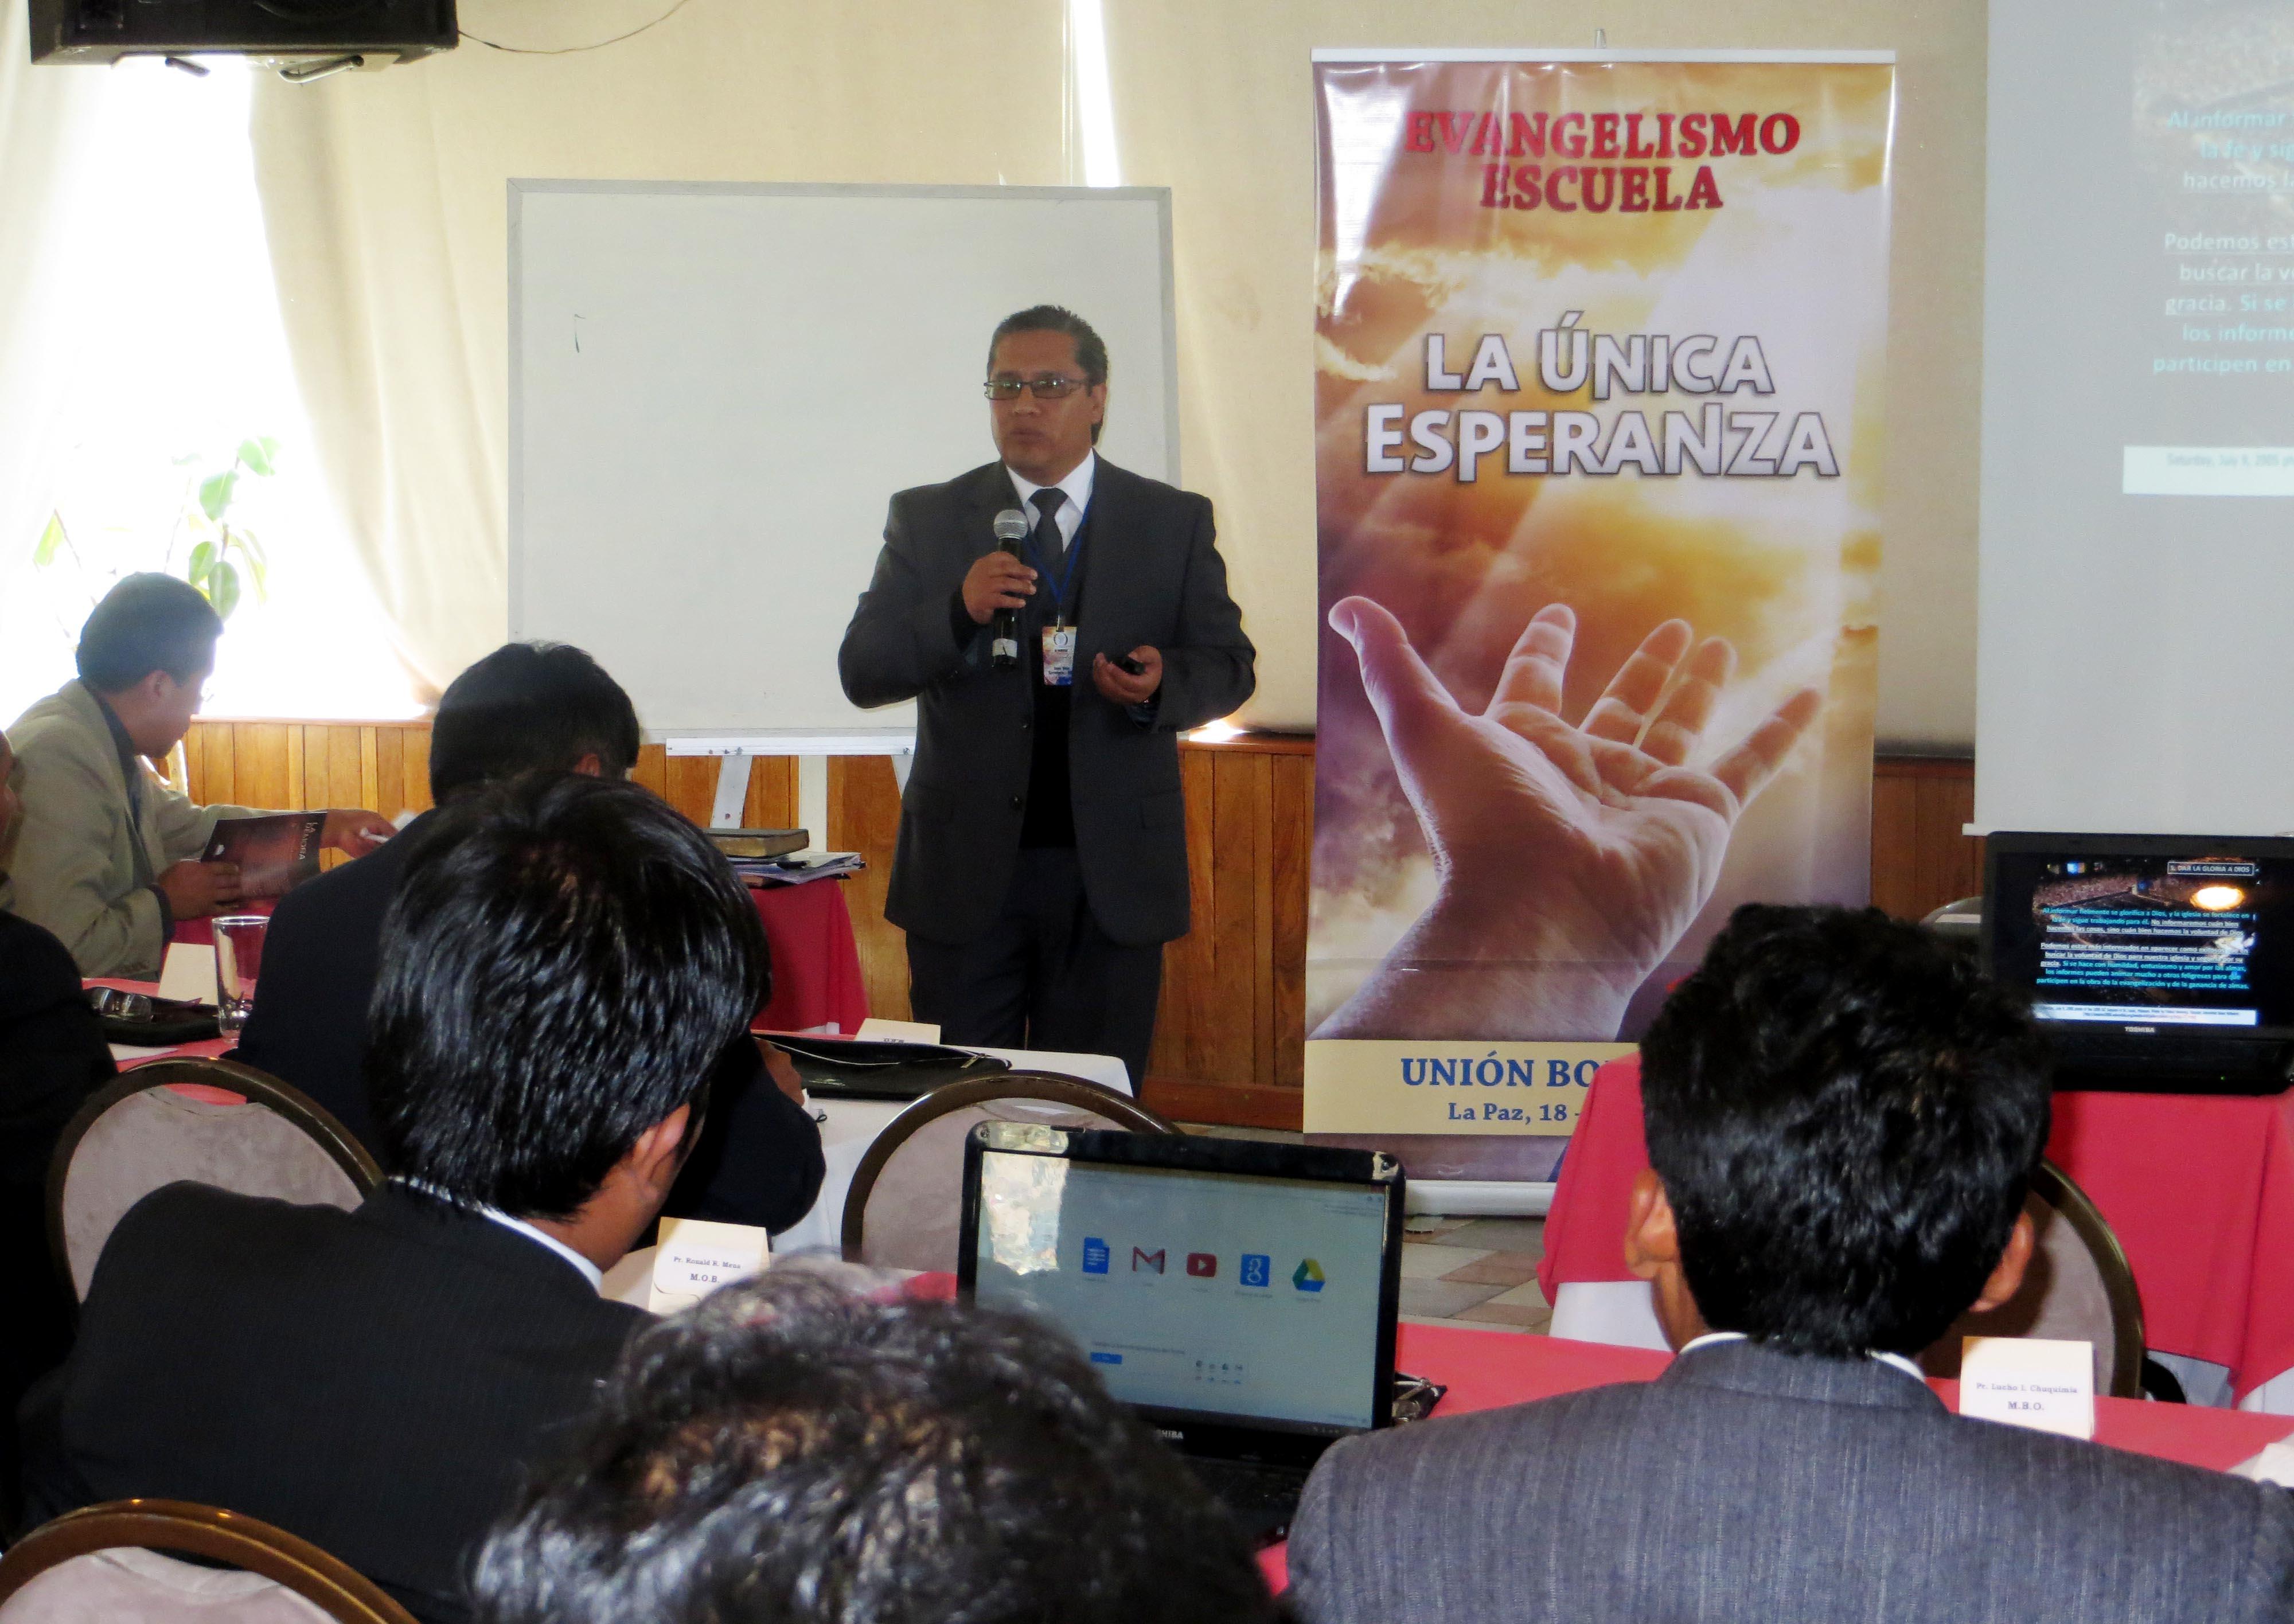 Evangelismo Escuela: Alrededor de 60 pastores son entrenados sobre nuevas técnicas de evangelismo